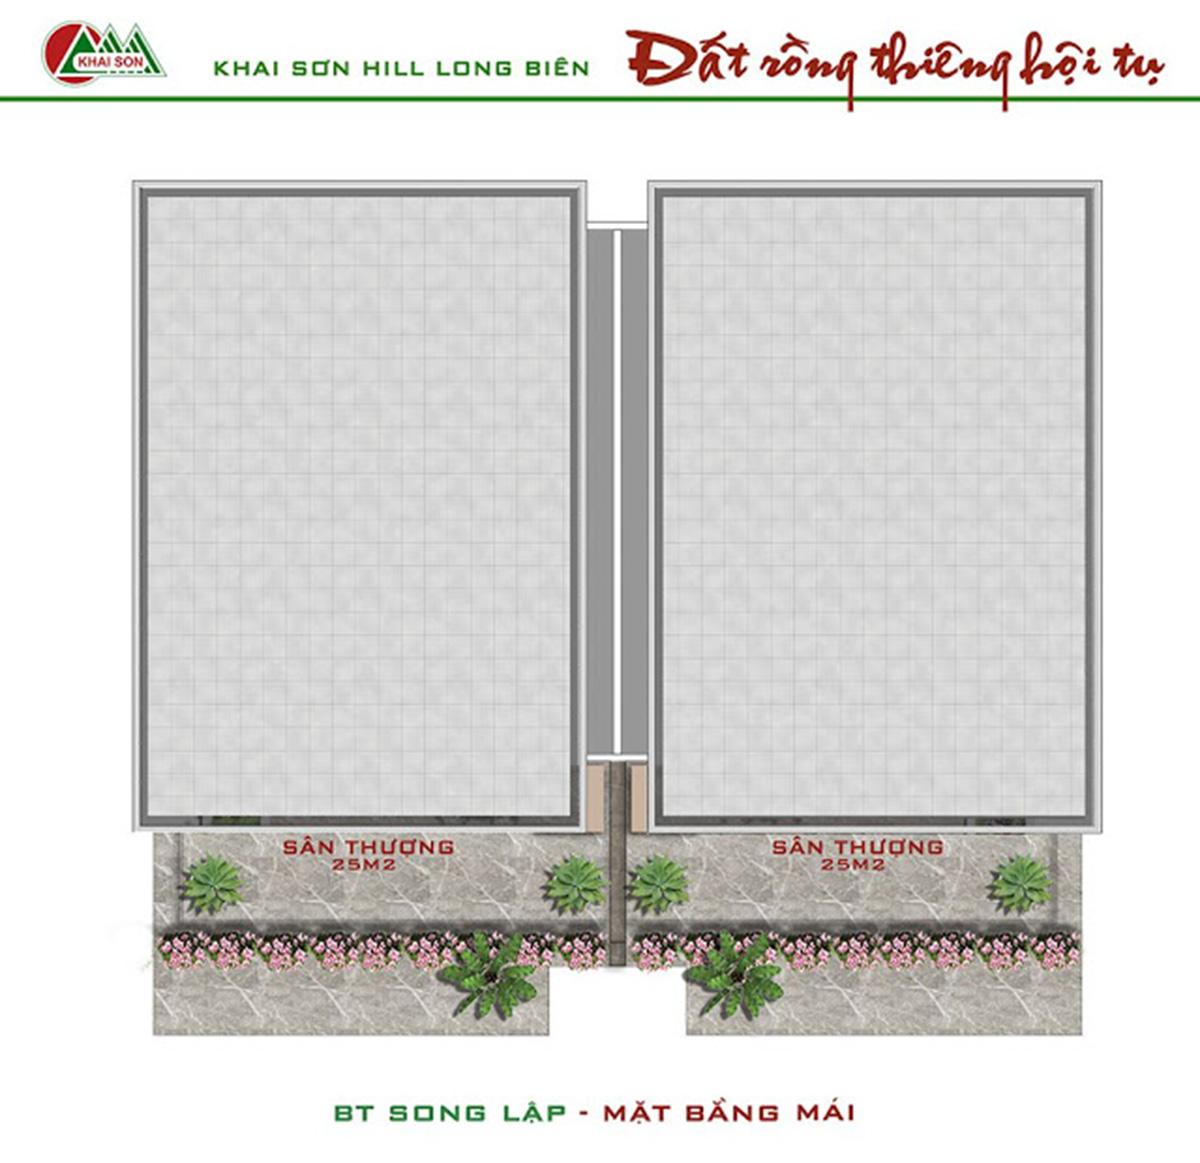 Biệt thự song lập Khai Sơn City Long Biển